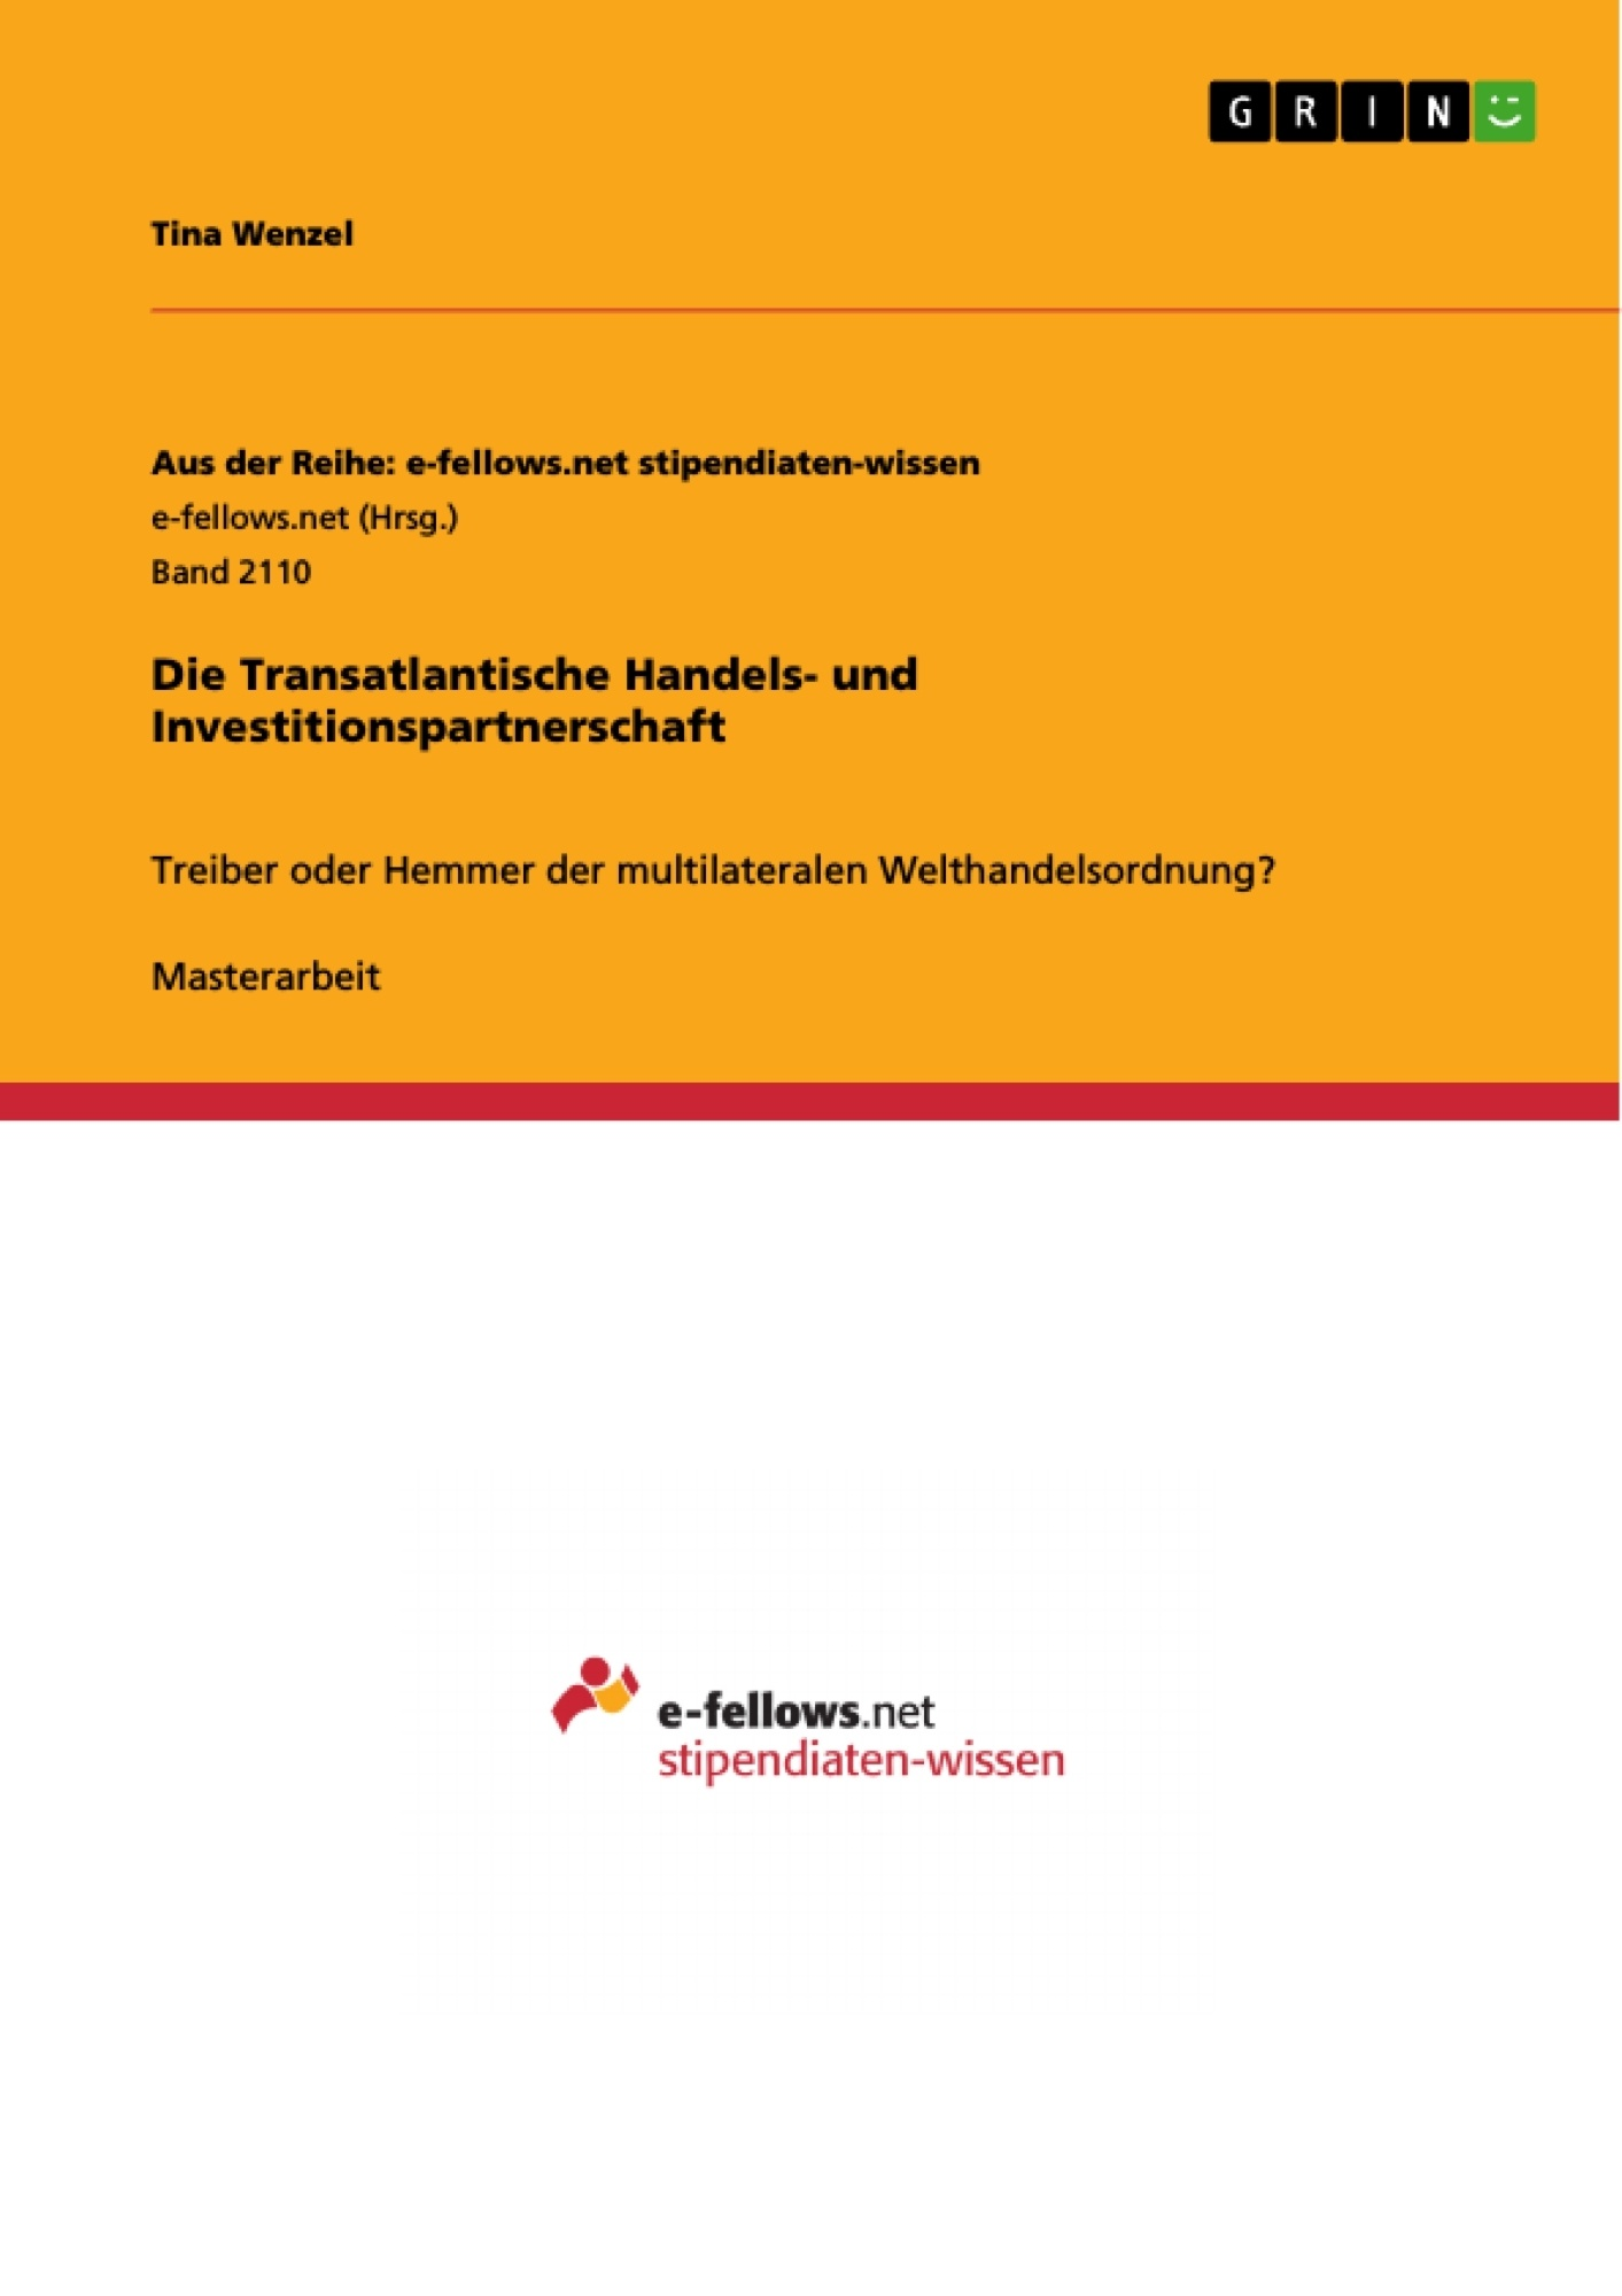 Titel: Die Transatlantische Handels- und Investitionspartnerschaft